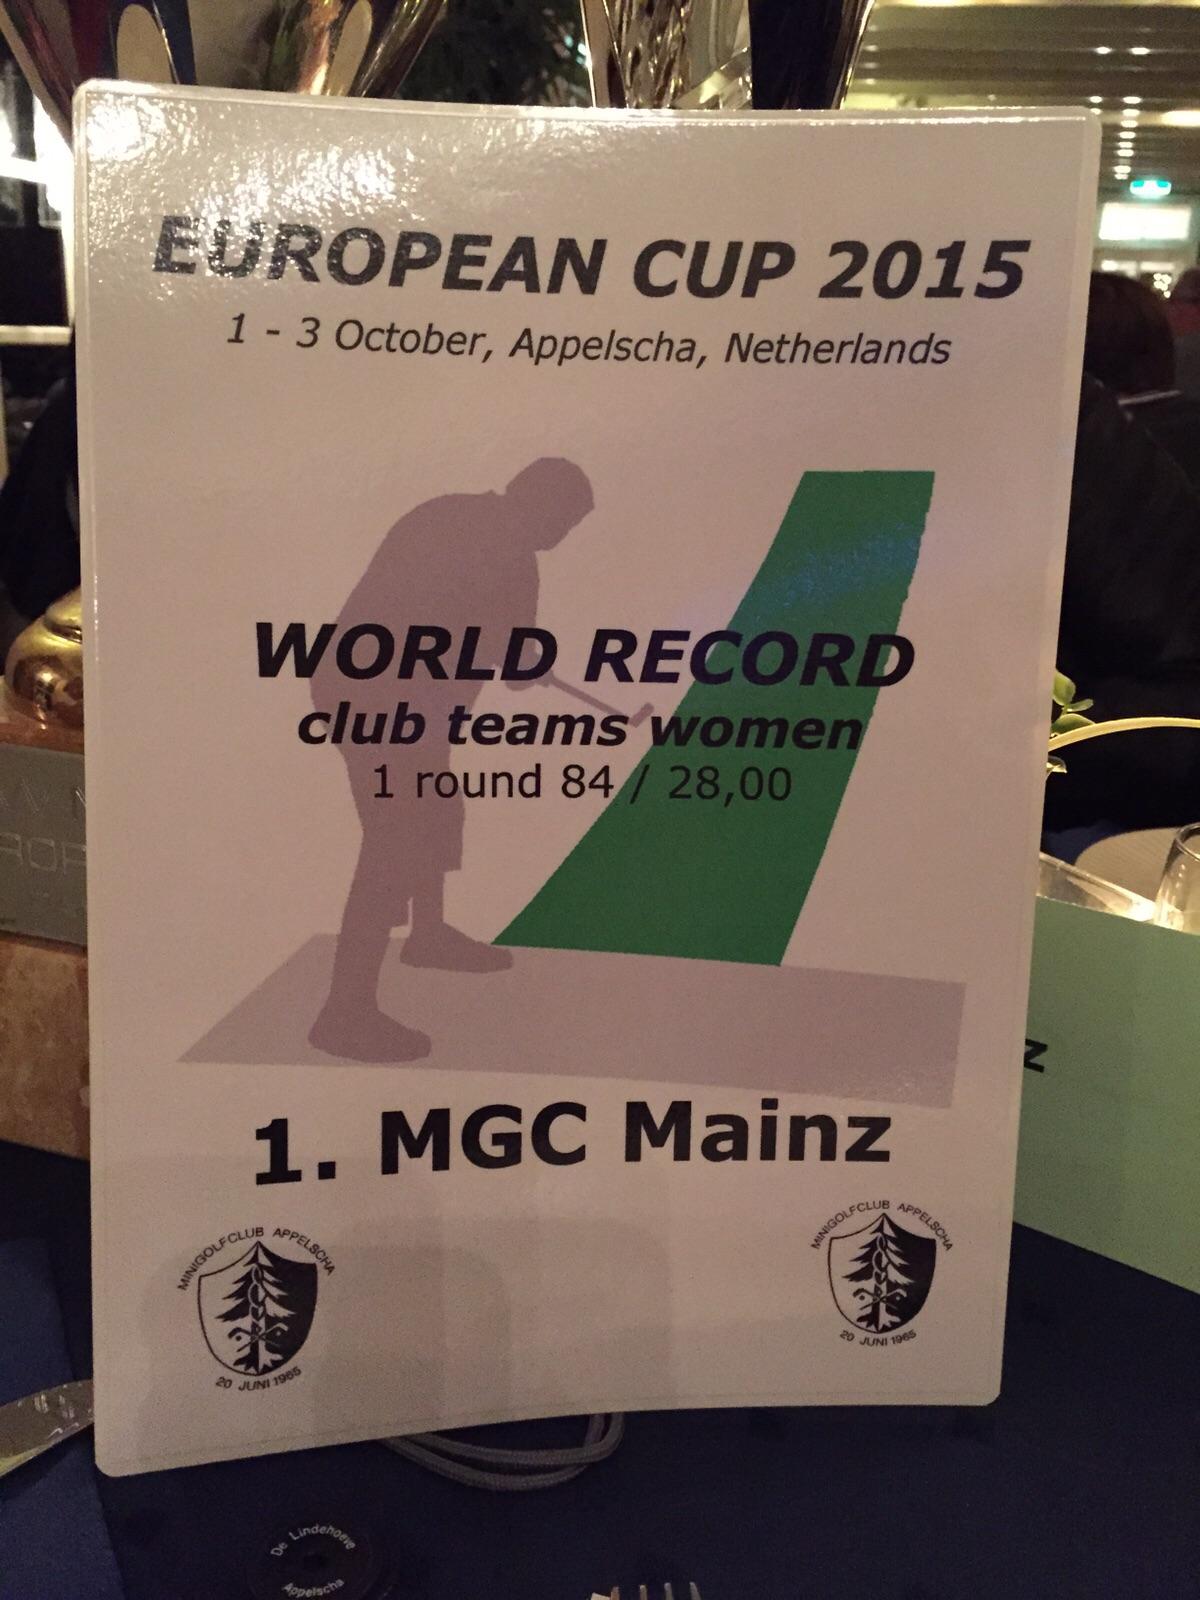 2015 EC Appelscha WorldRecord